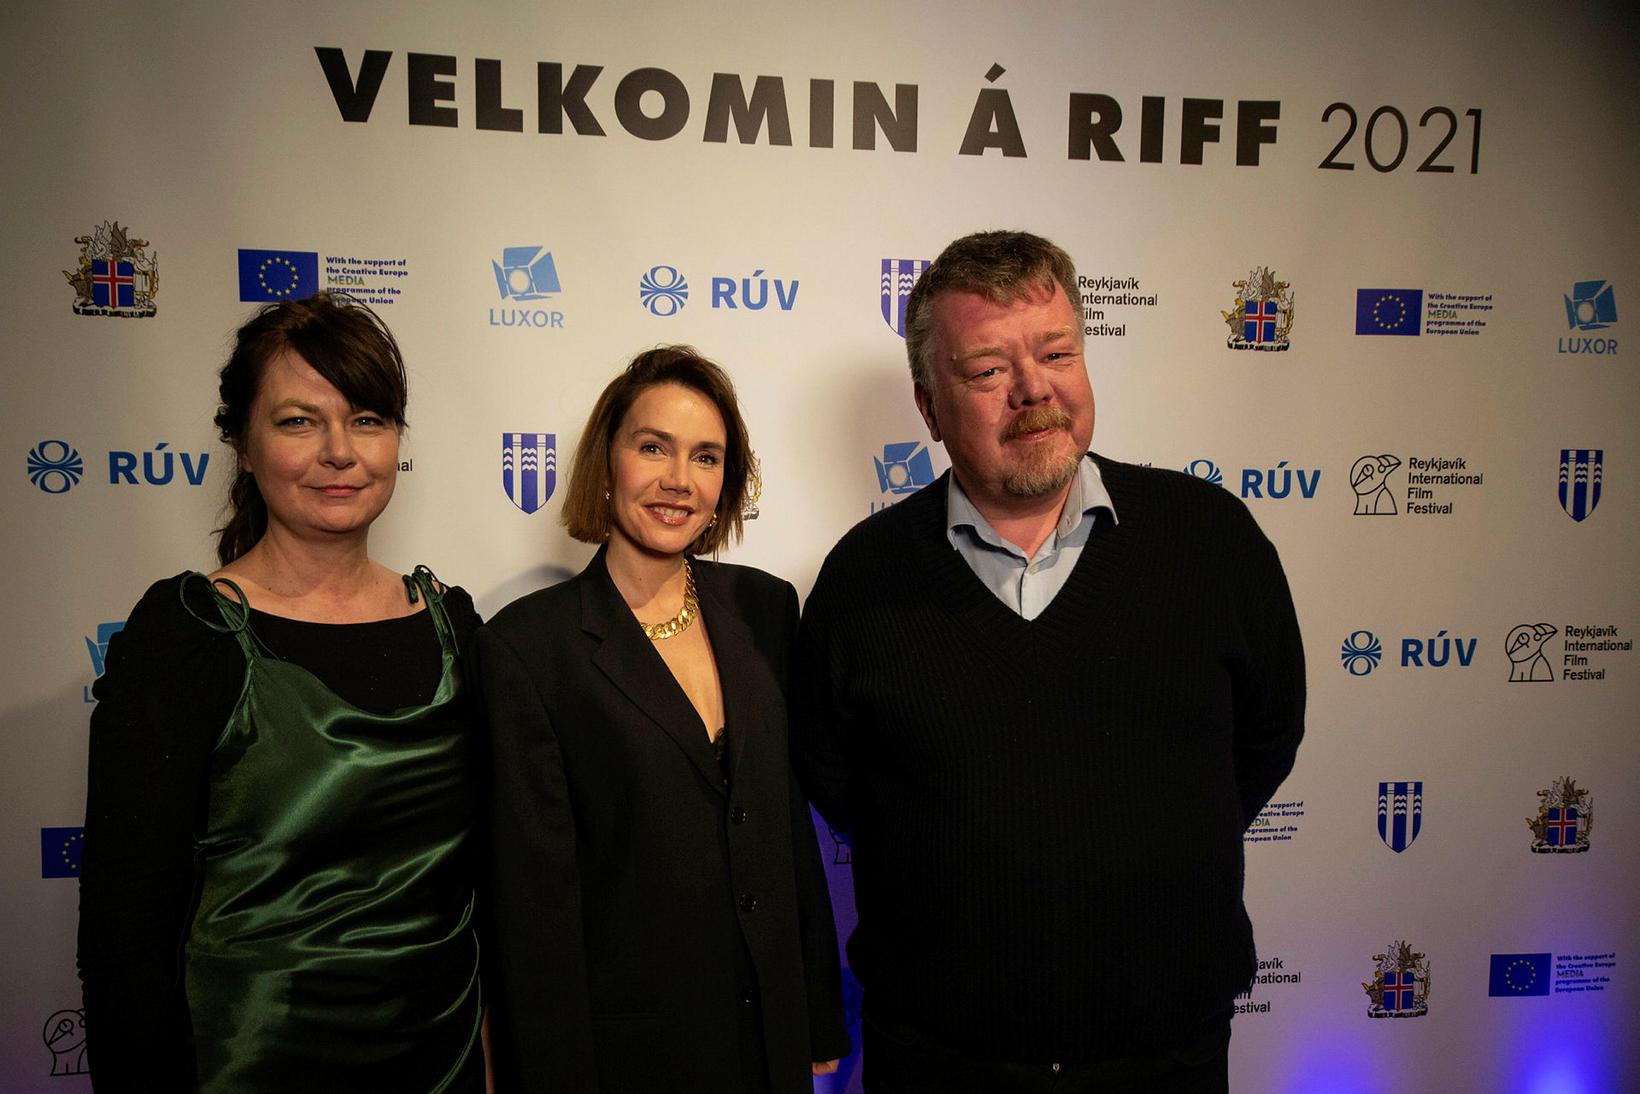 Marta Luiza Macuga, leikmyndahönnuður, Olga Bołądz, Hilmar Sigurðsson, framleiðandi og …